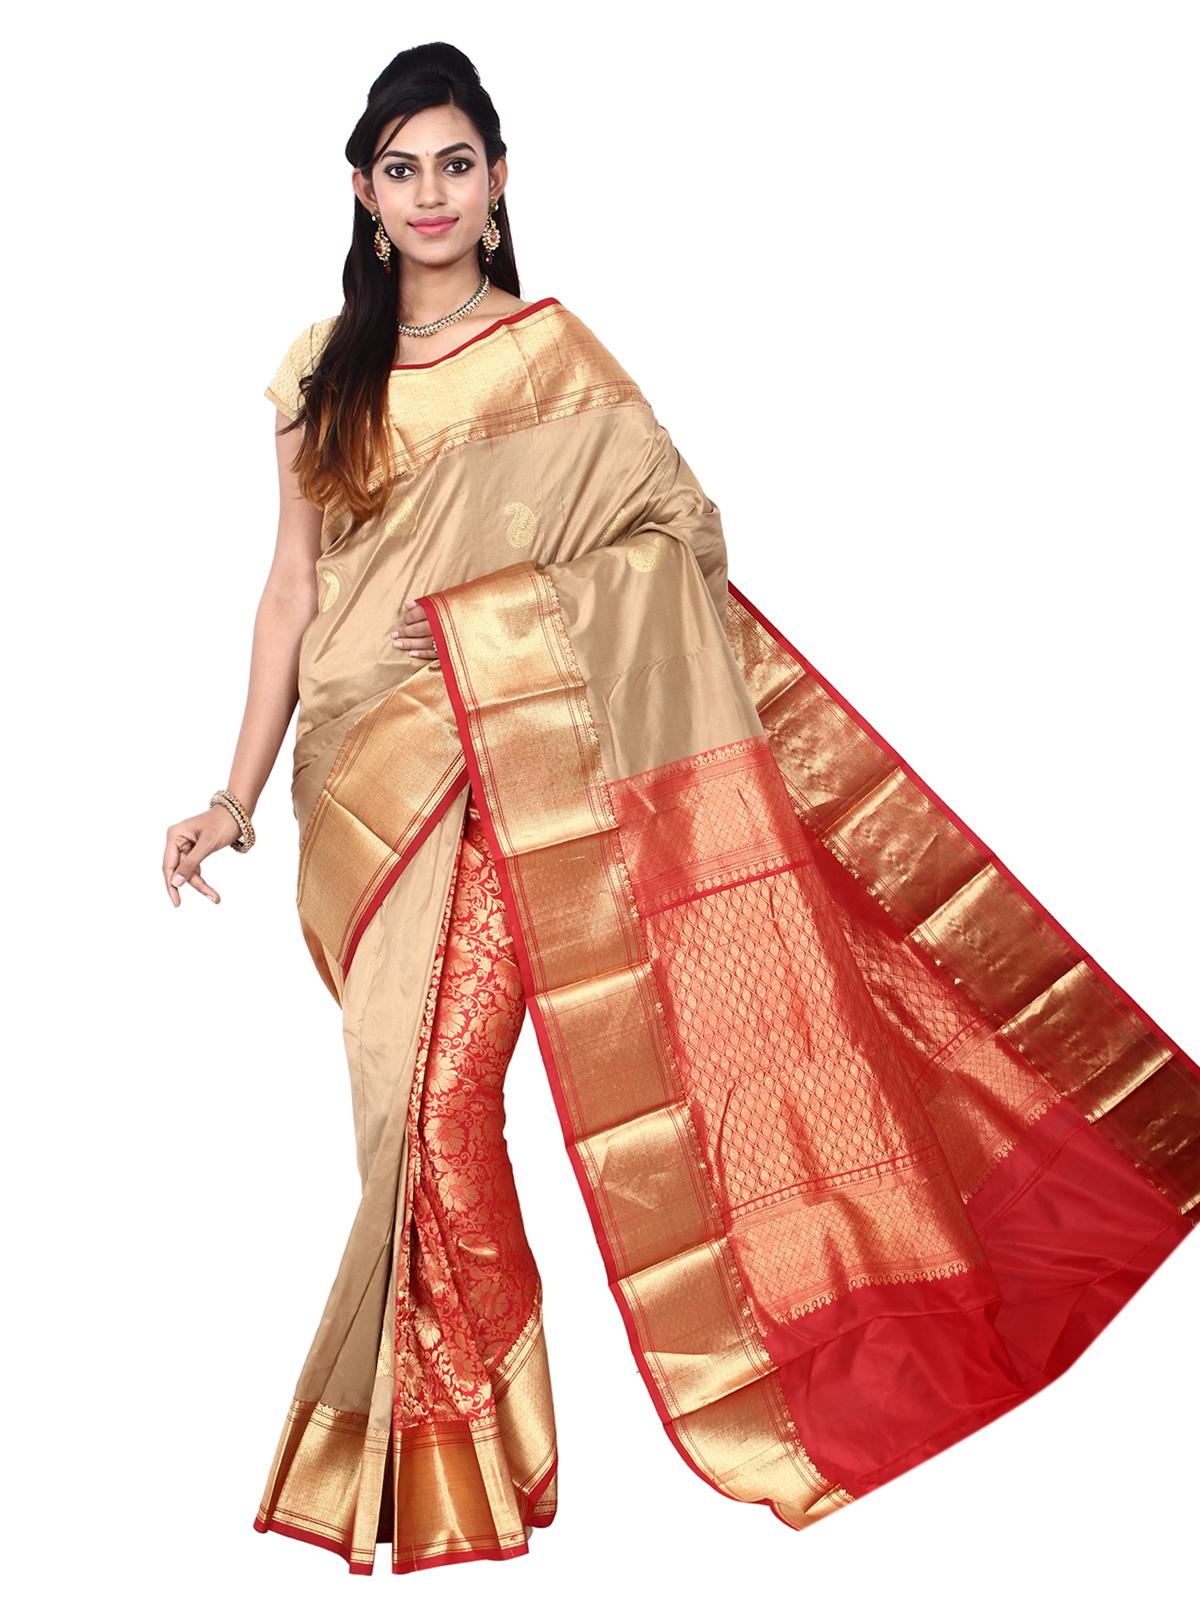 Silk saree from India